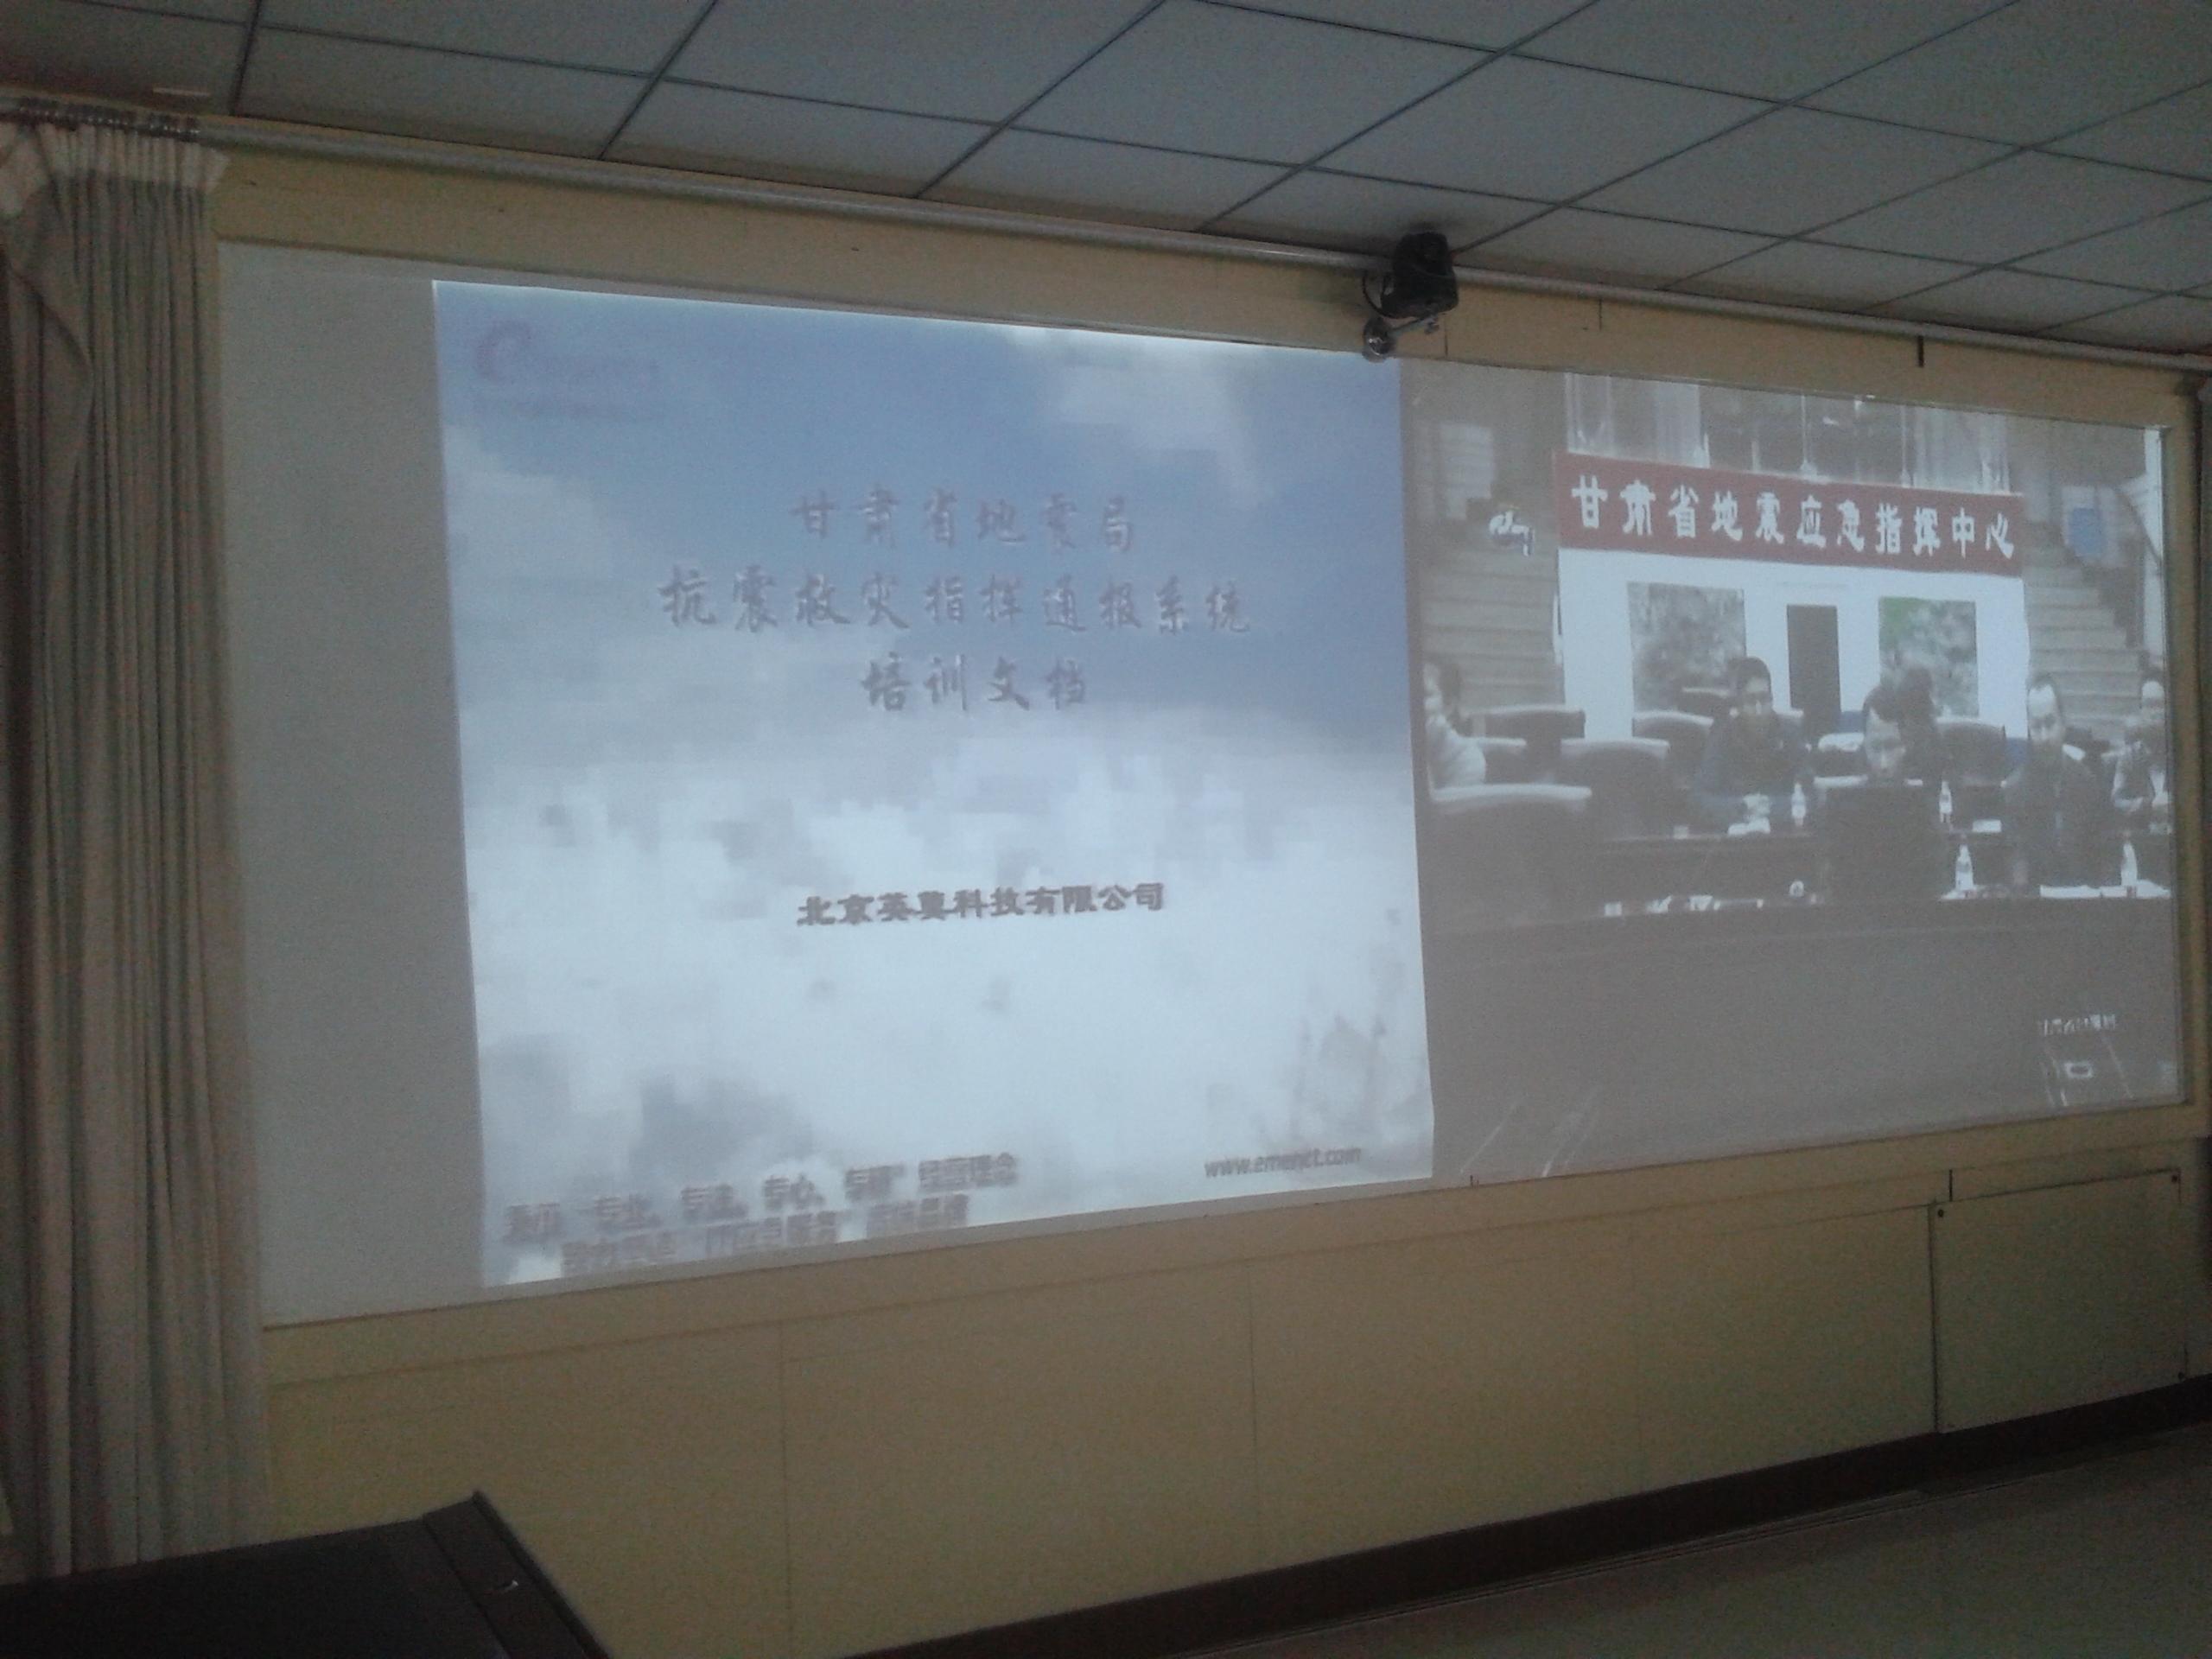 甘州区地震局组织干部积极参加甘肃省地震局举办的地震应急救援视频培训会议